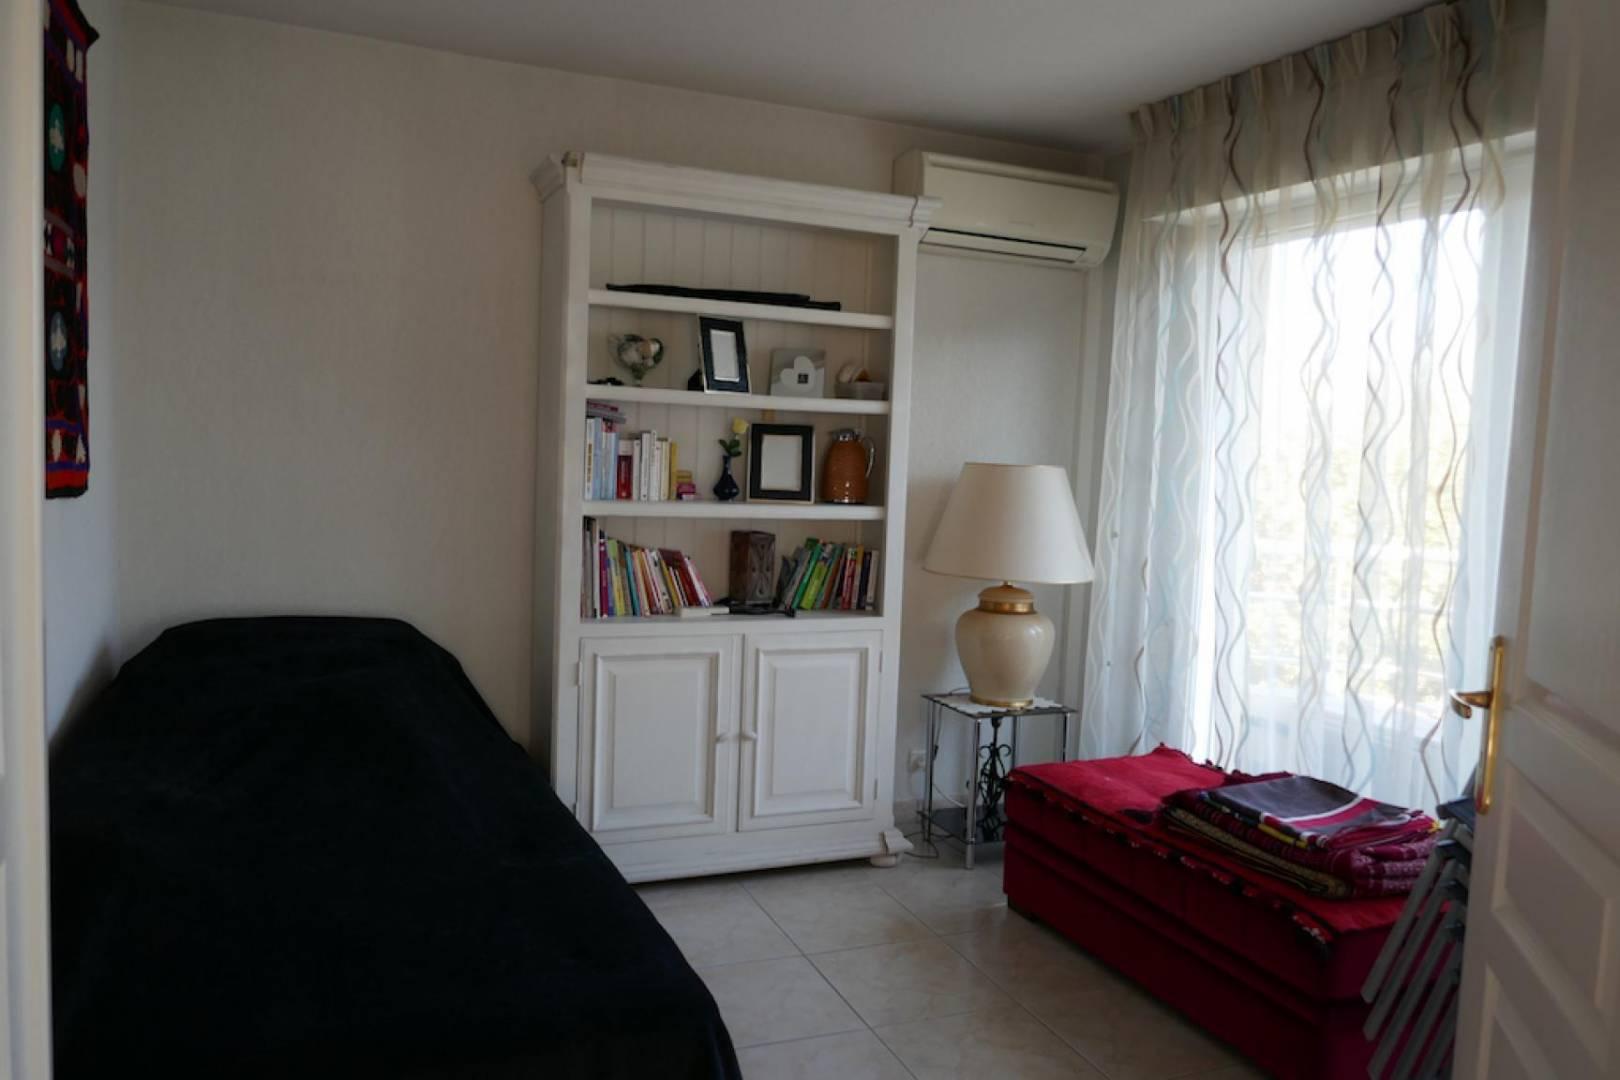 appartement saint rapha l 83700 vente terme libre saint rapha l. Black Bedroom Furniture Sets. Home Design Ideas